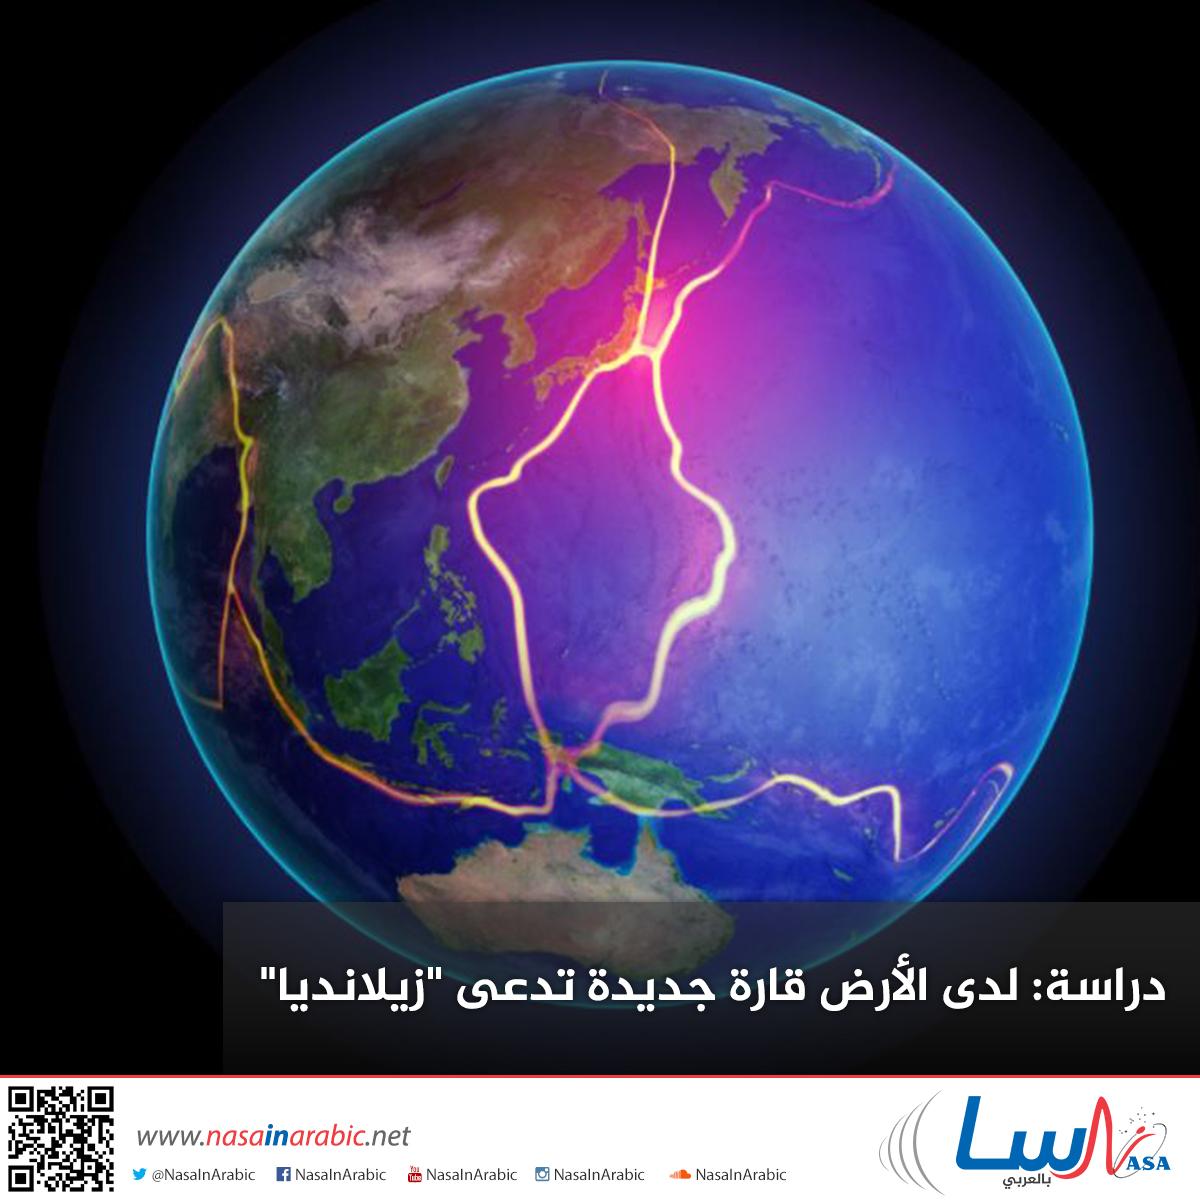 دراسة: لدى الأرض قارة جديدة تدعى